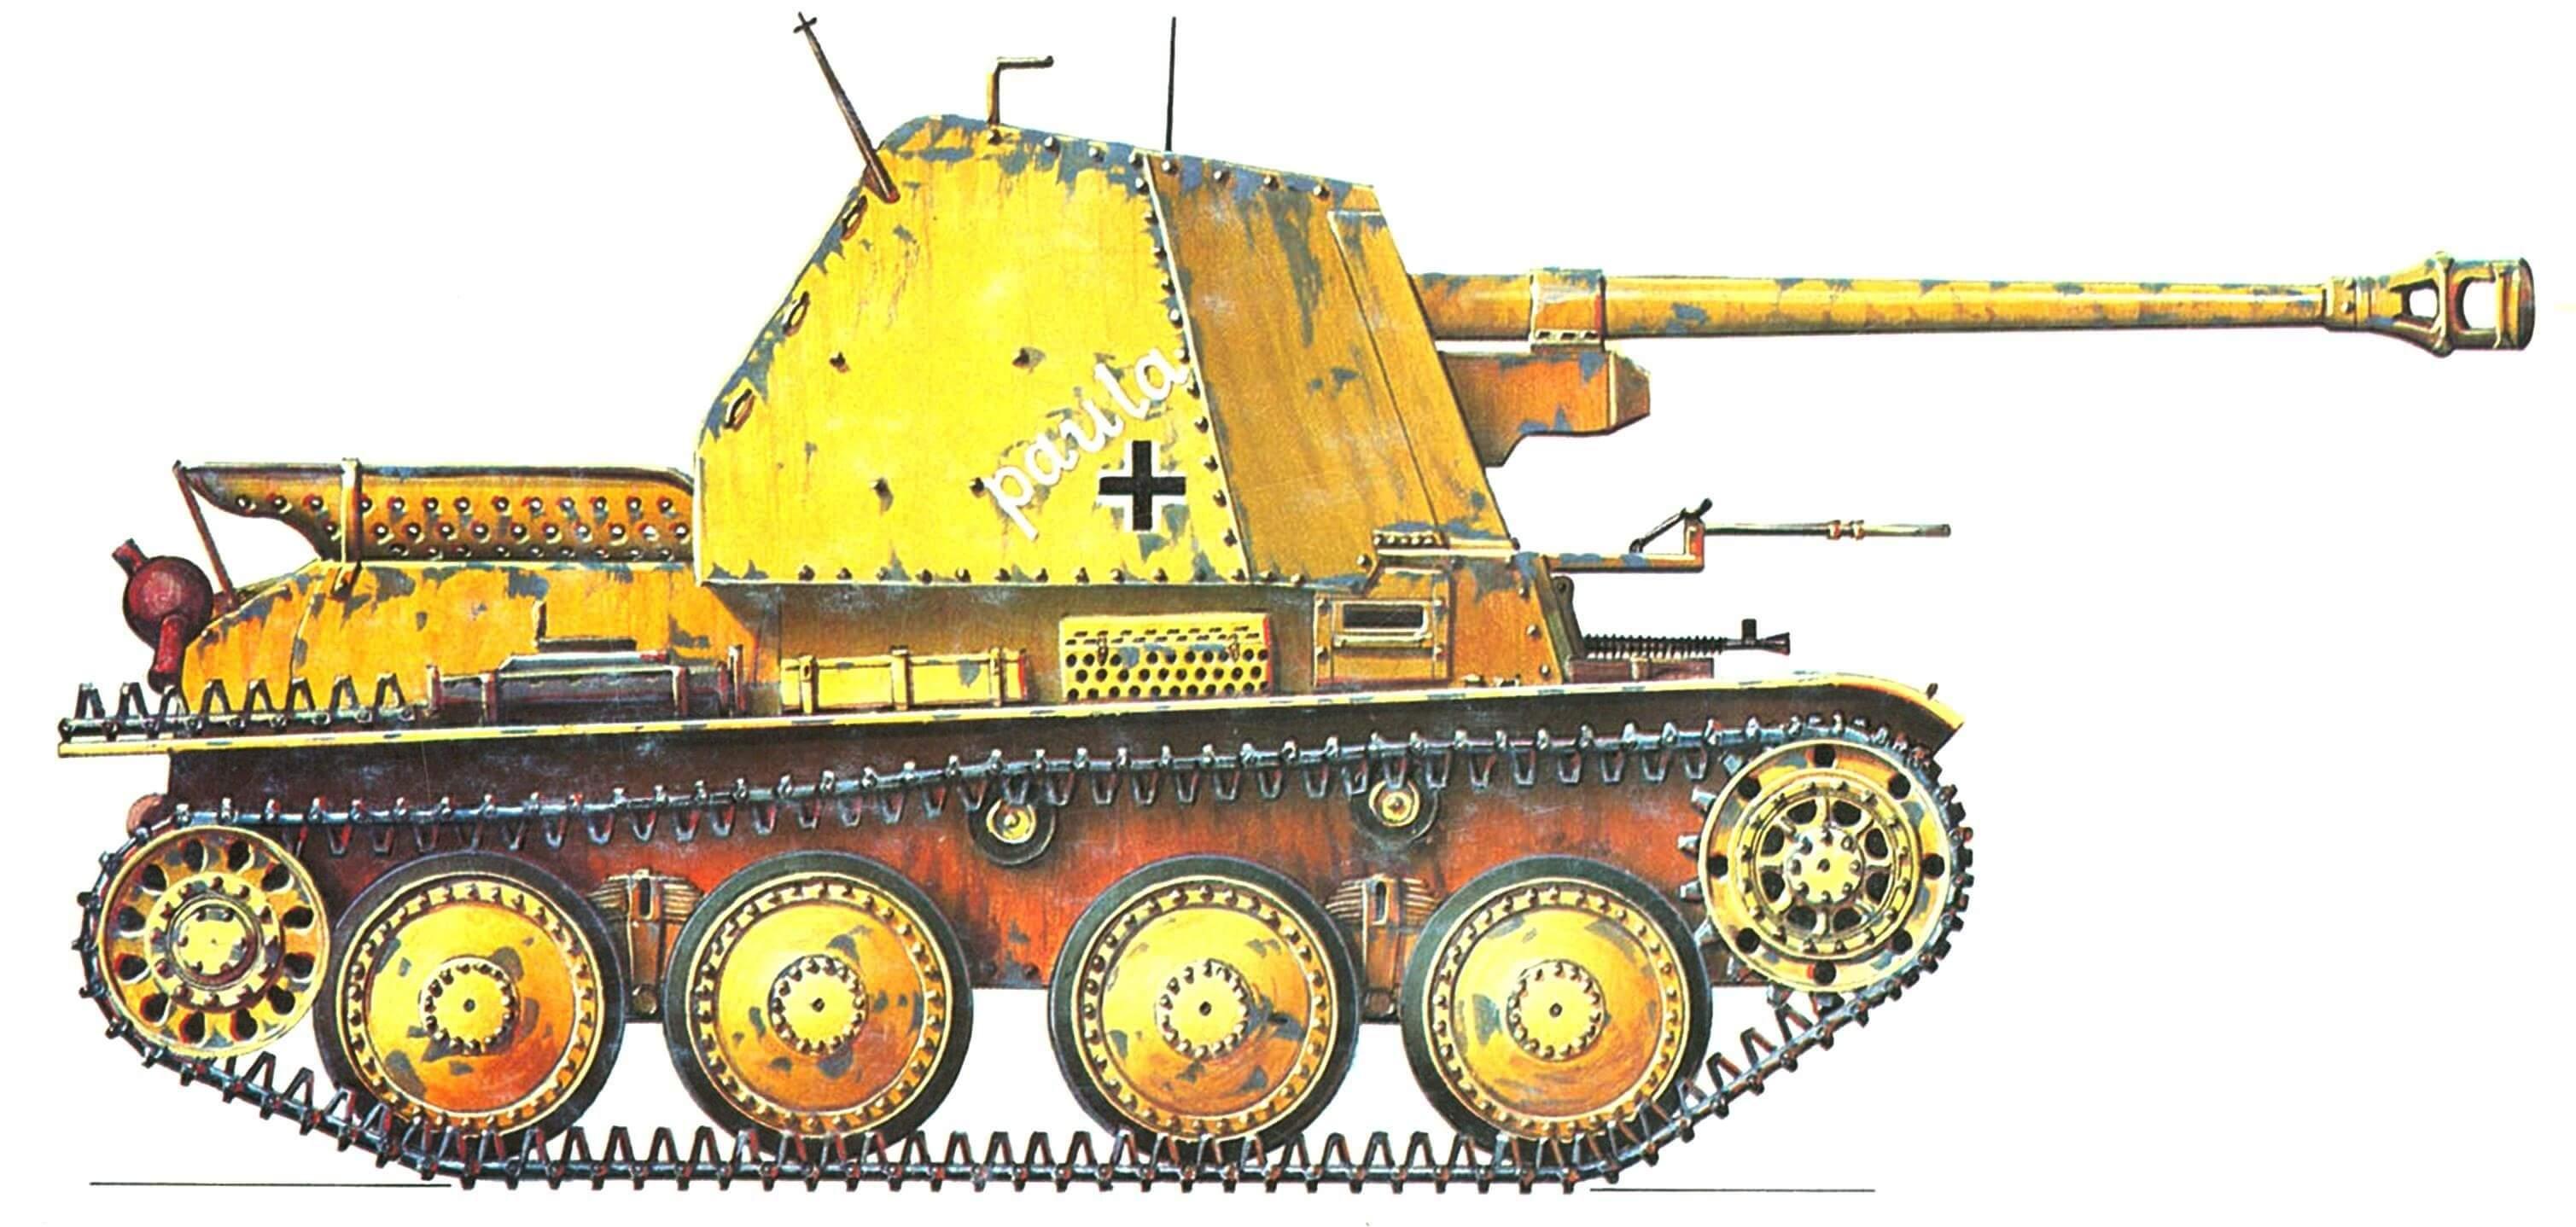 7,5 cm Рак 40 auf Pz.38(t) Marder III Ausf.H (Sd.Kfz.138). 23-я танковая дивизия германского Африканского корпуса (23. Panzer Division Deutsche Afrika Korps), 1943 r.